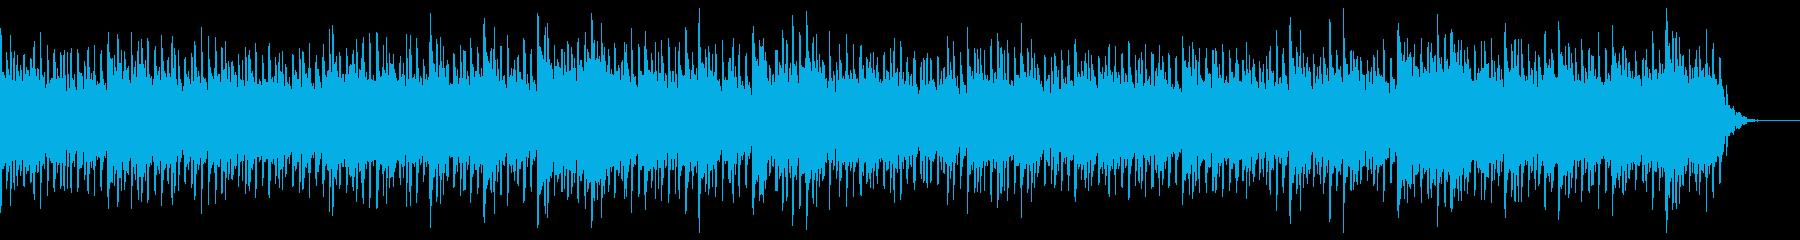 企業VP45 ゆったり優しいテクノポップの再生済みの波形